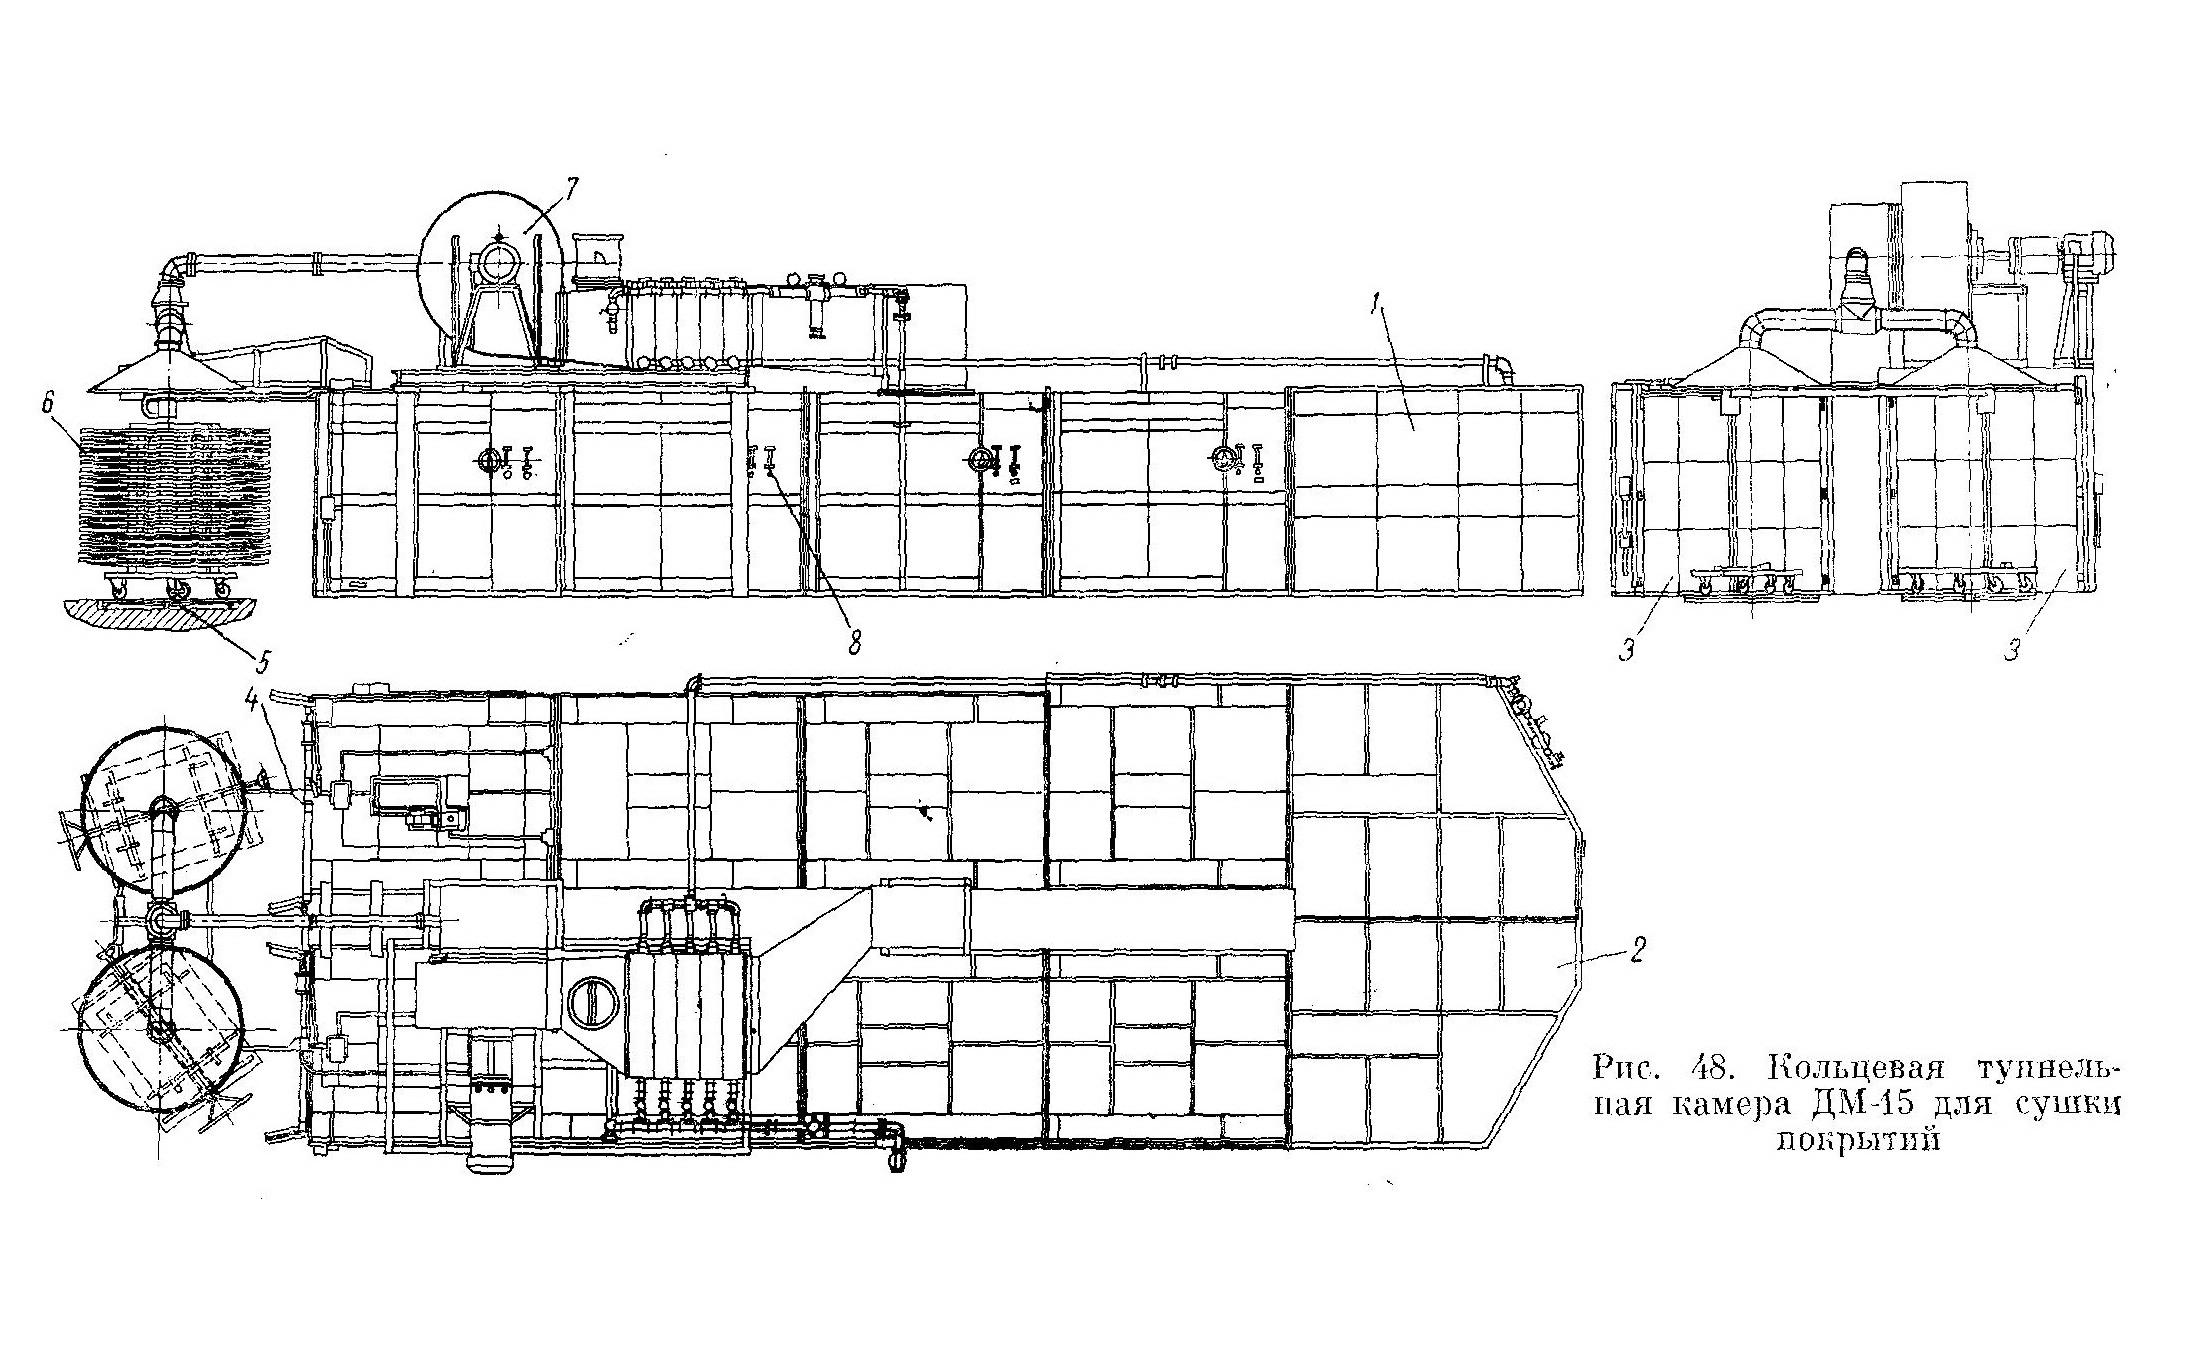 Кольцевая туннельная камера ДМ-15 для сушки покрытий на плоских деталях (проект СКБД-1 ВНИИДМаш) - Разное фото